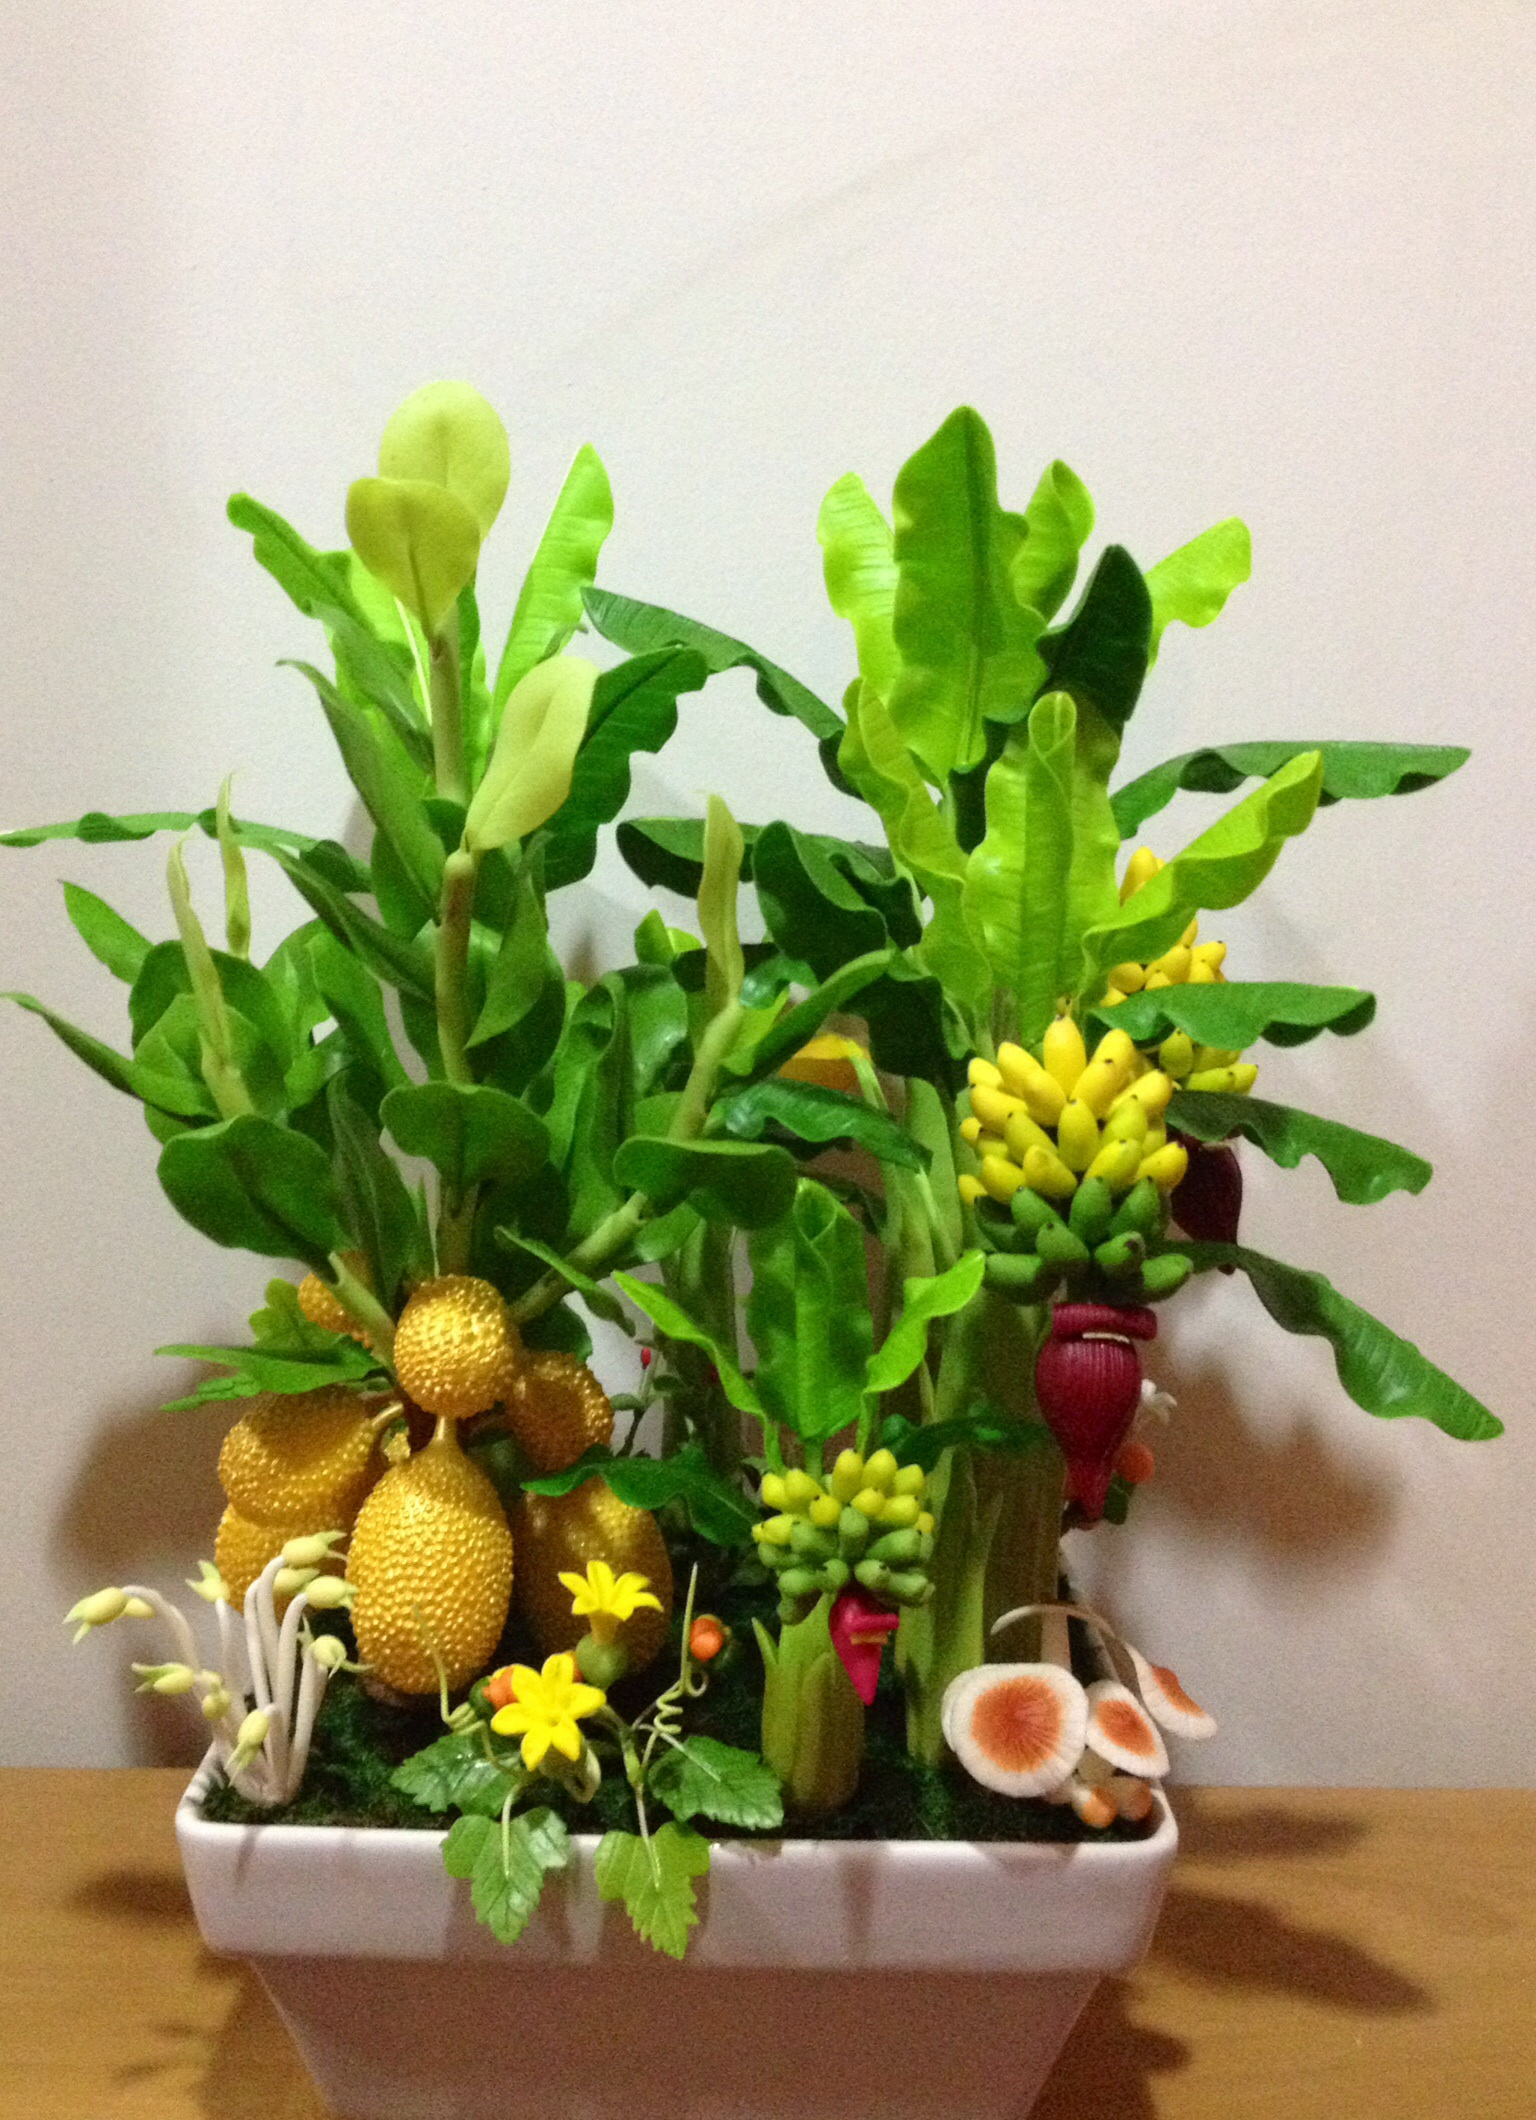 C015-สวนต้นไม้มงคล มะยม ส้ม กล้วย ขนุน 3-12 นิ้ว